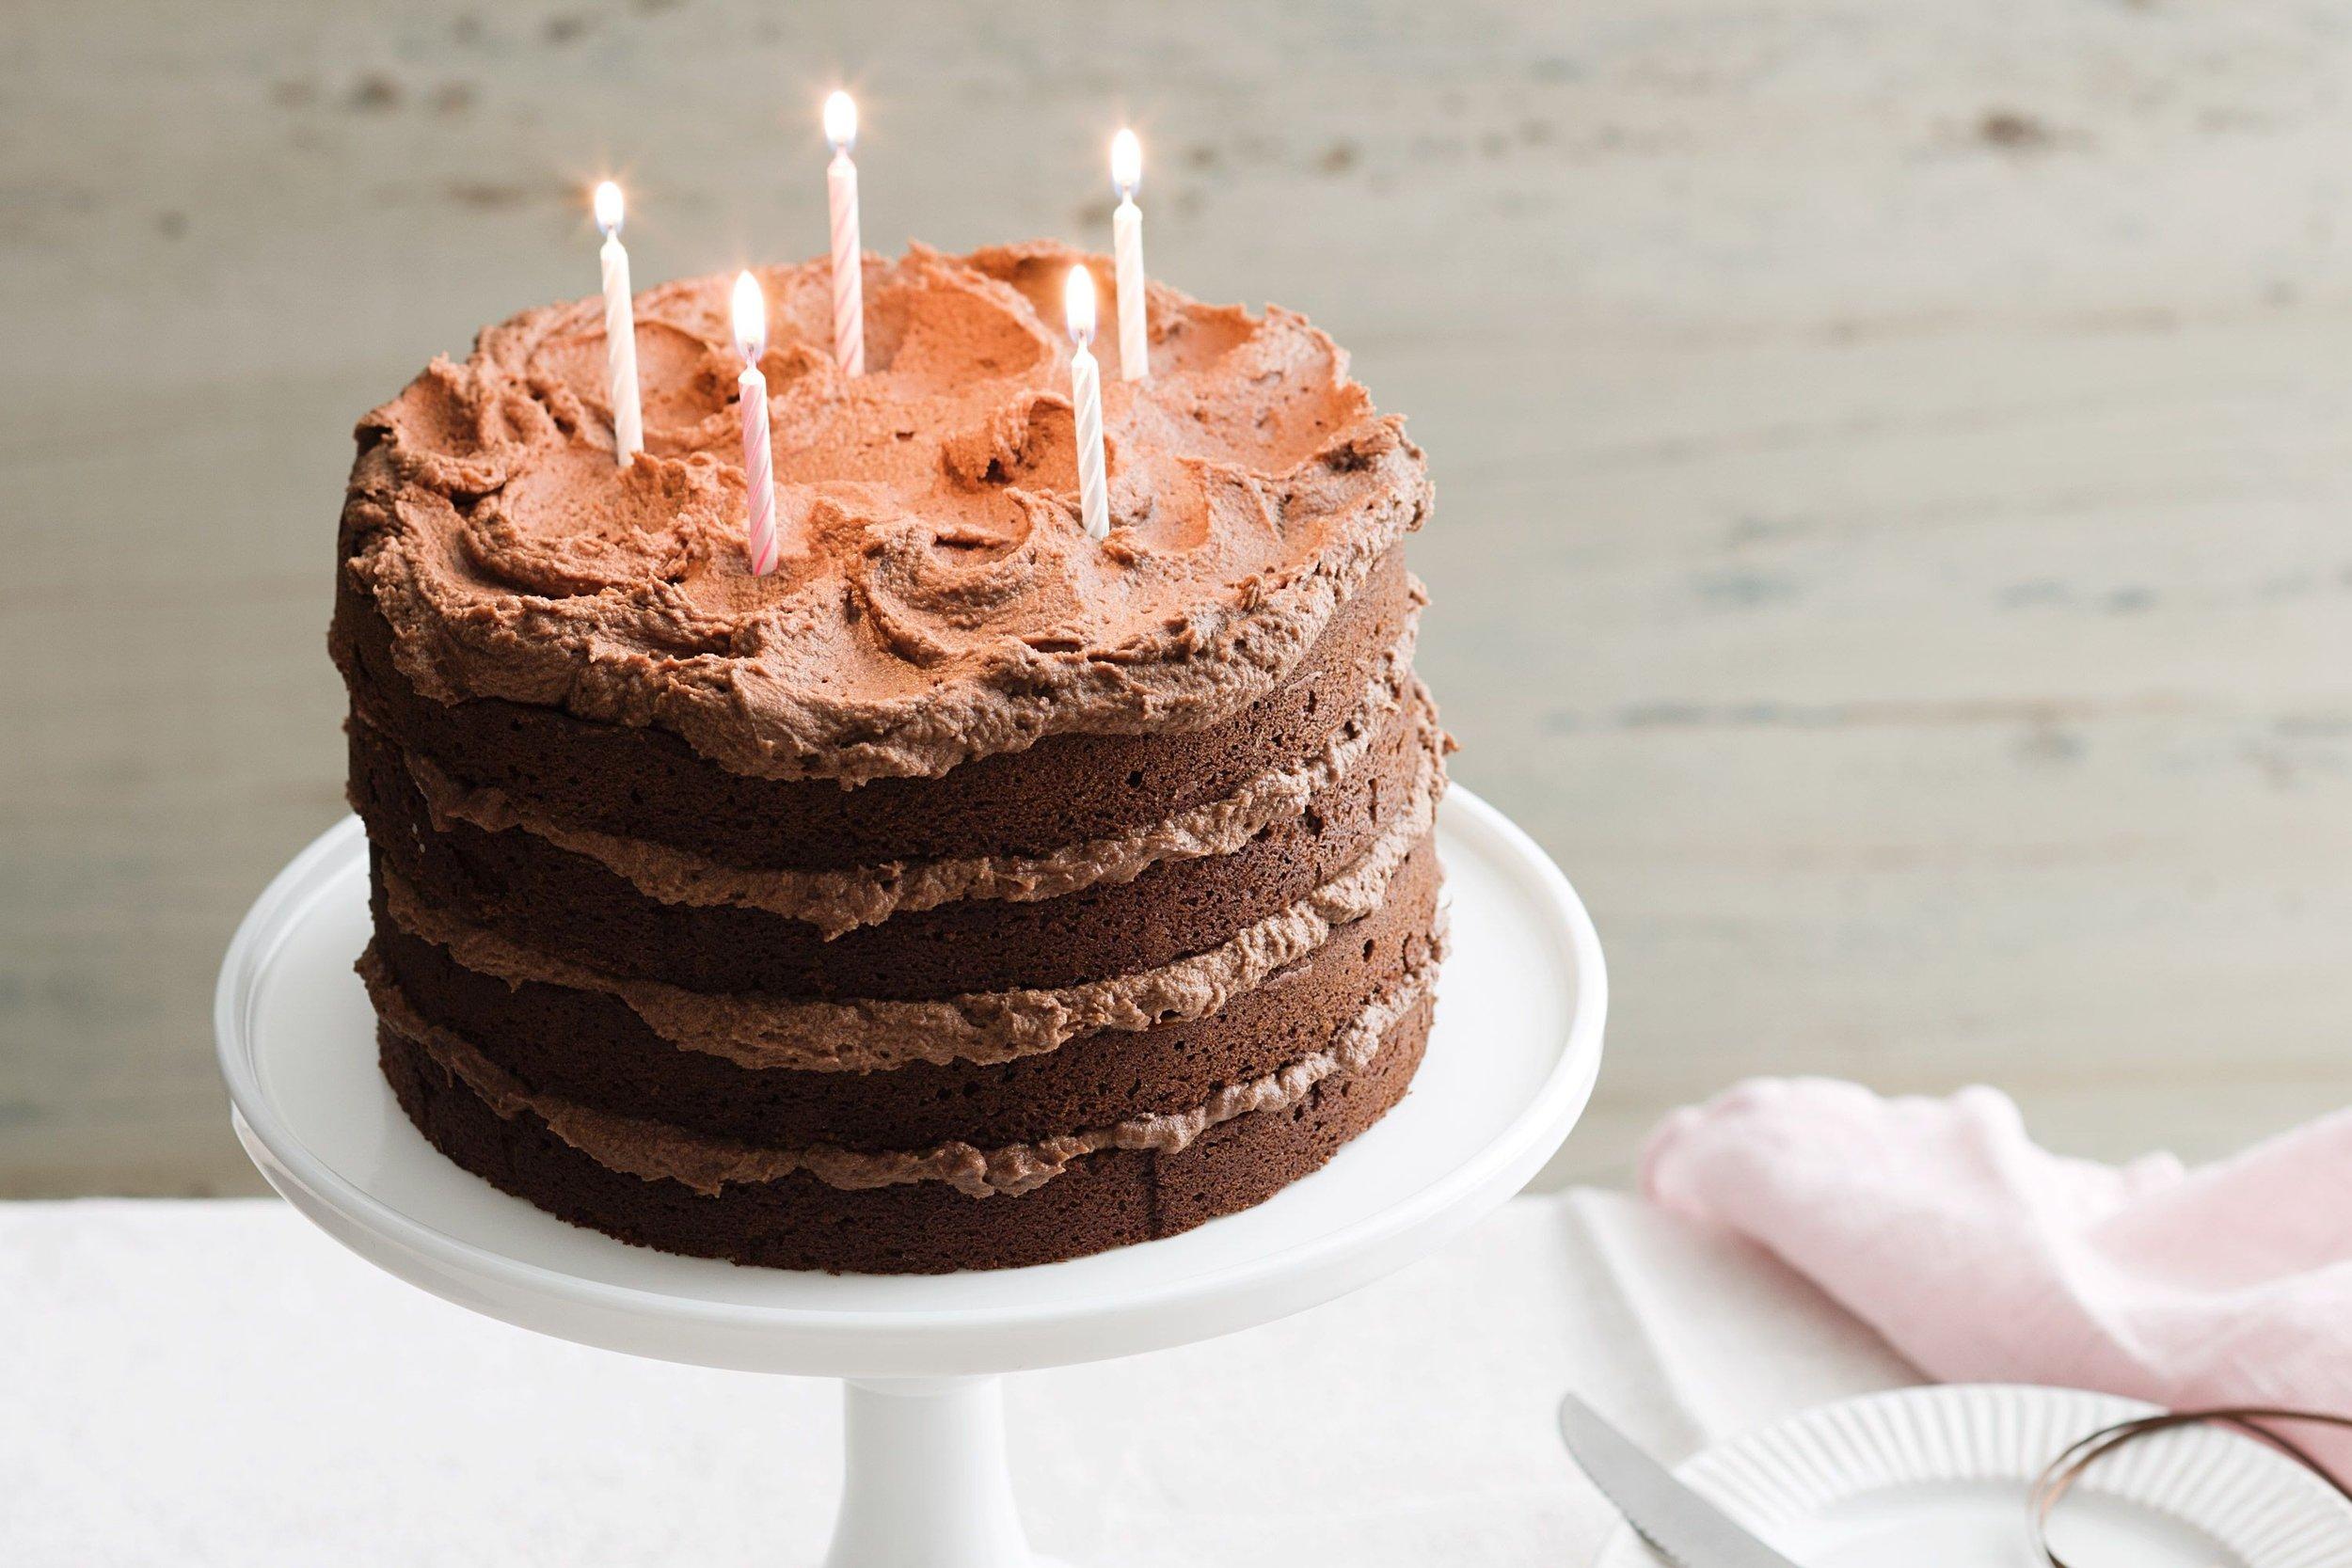 chocolate-birthday-cake-93511-1.jpeg